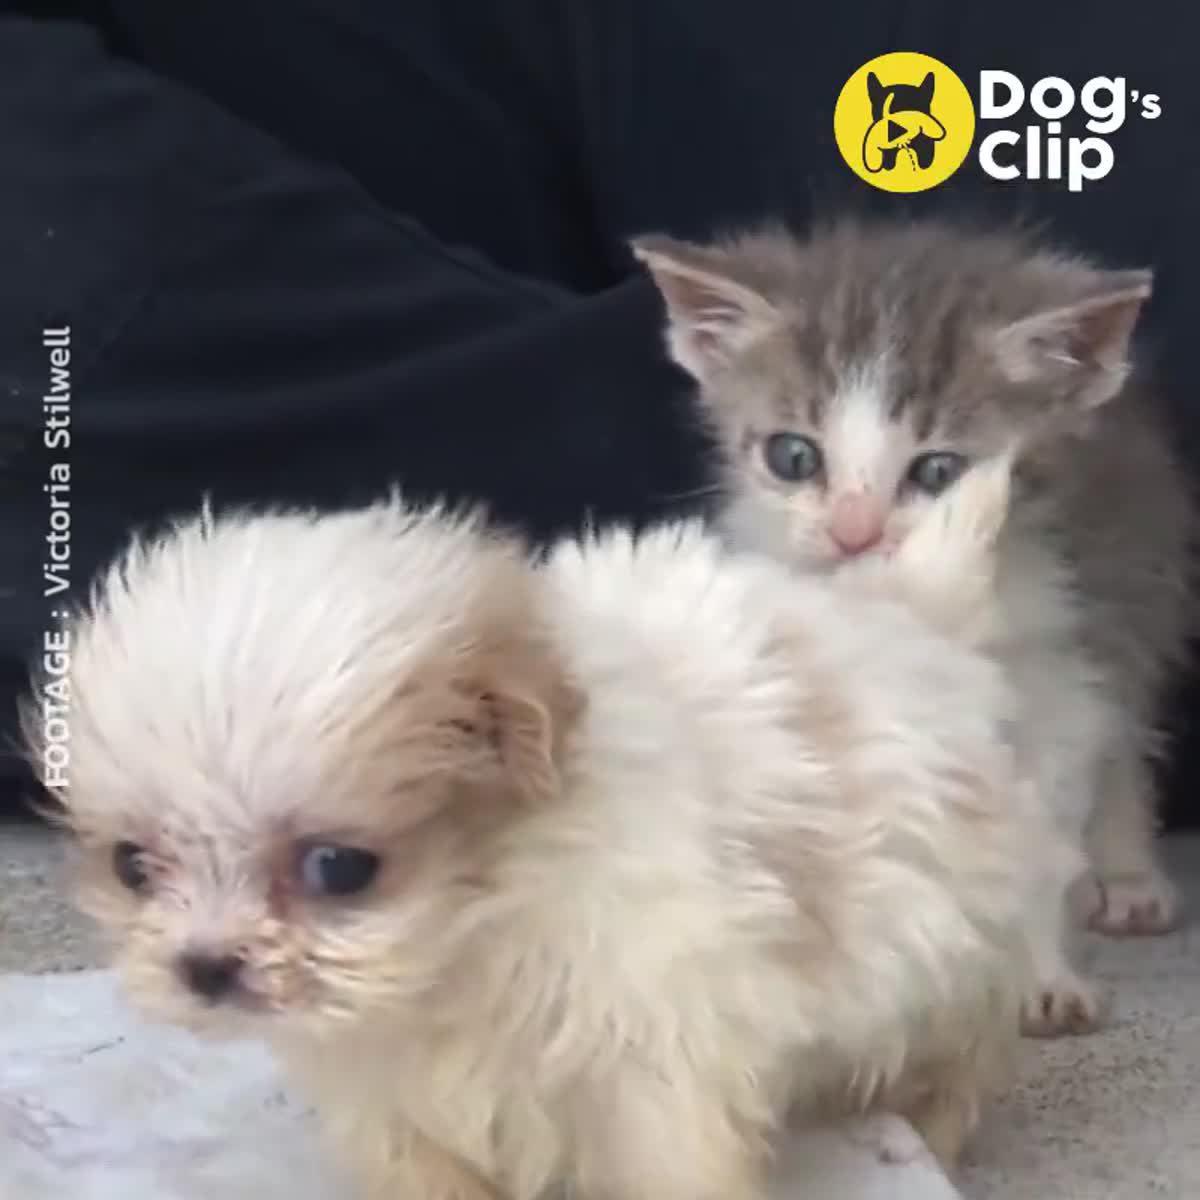 คู่เพื่อนซี้น้องหมา - แมวที่น่ารักที่สุด ในศูนย์พักพิงสัตว์